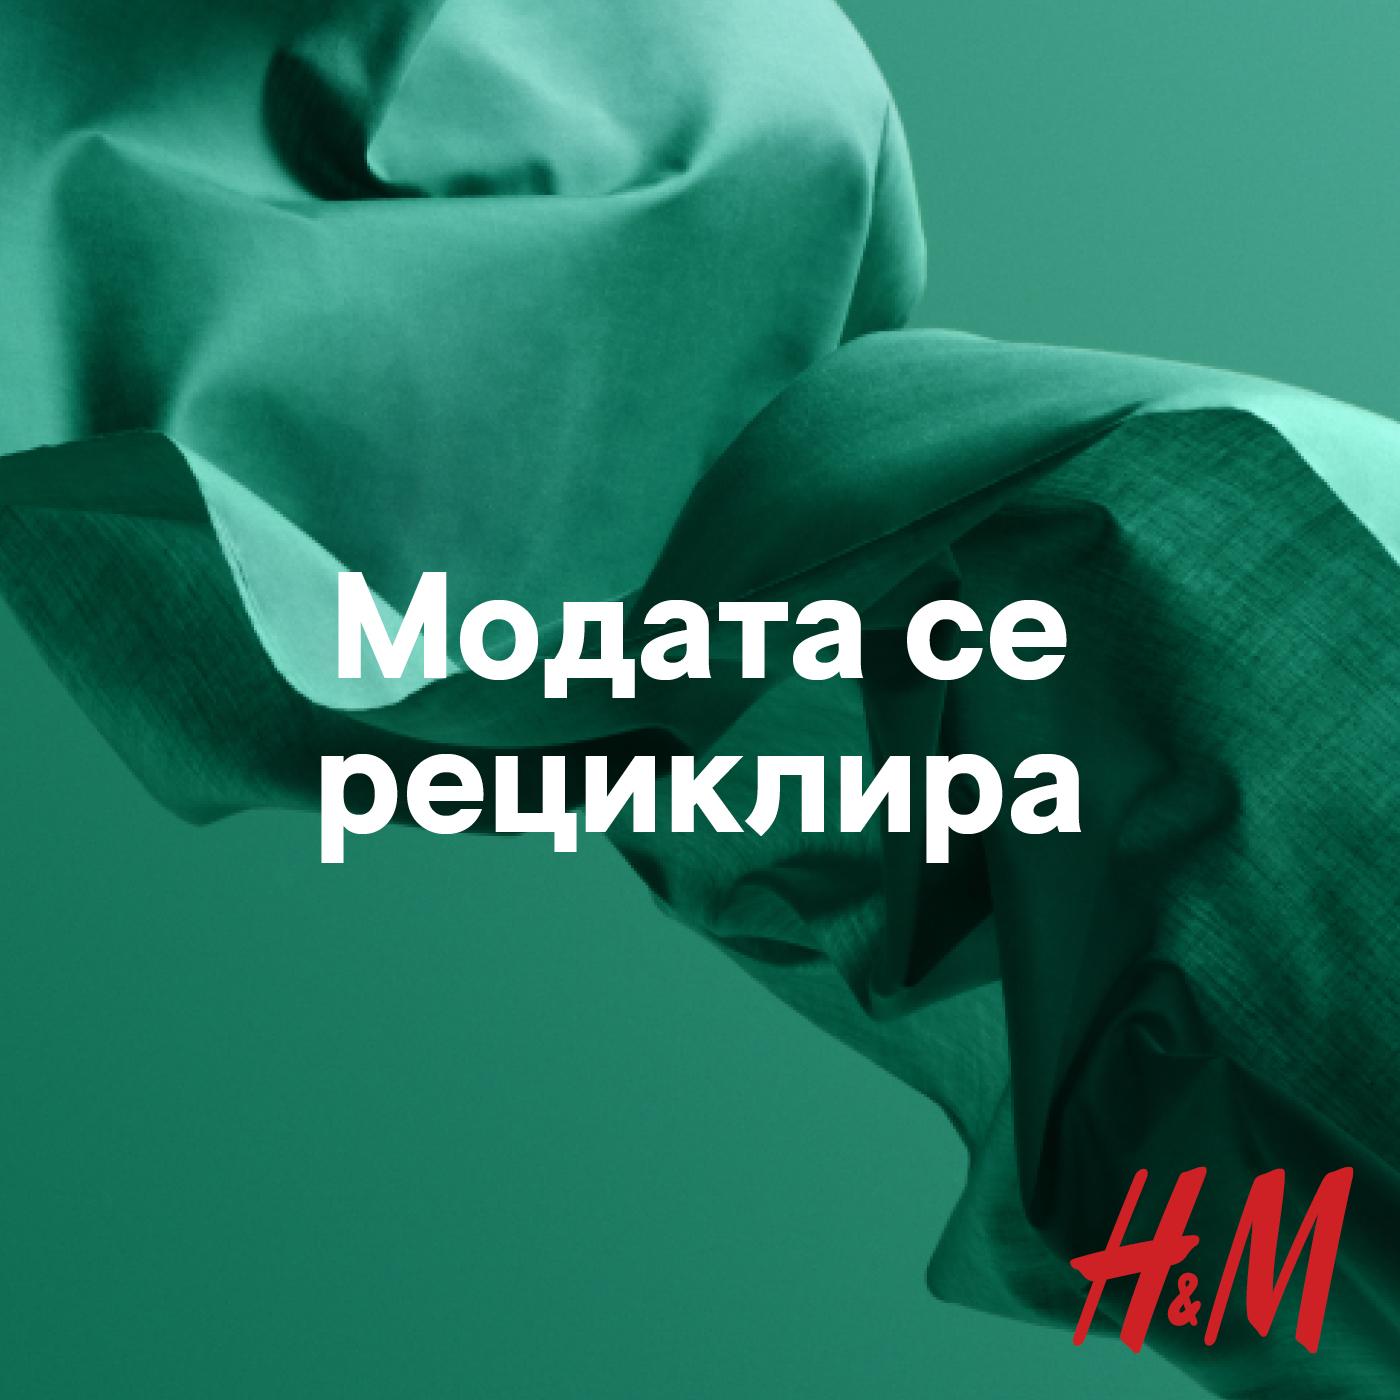 Модата се рециклира в H&M